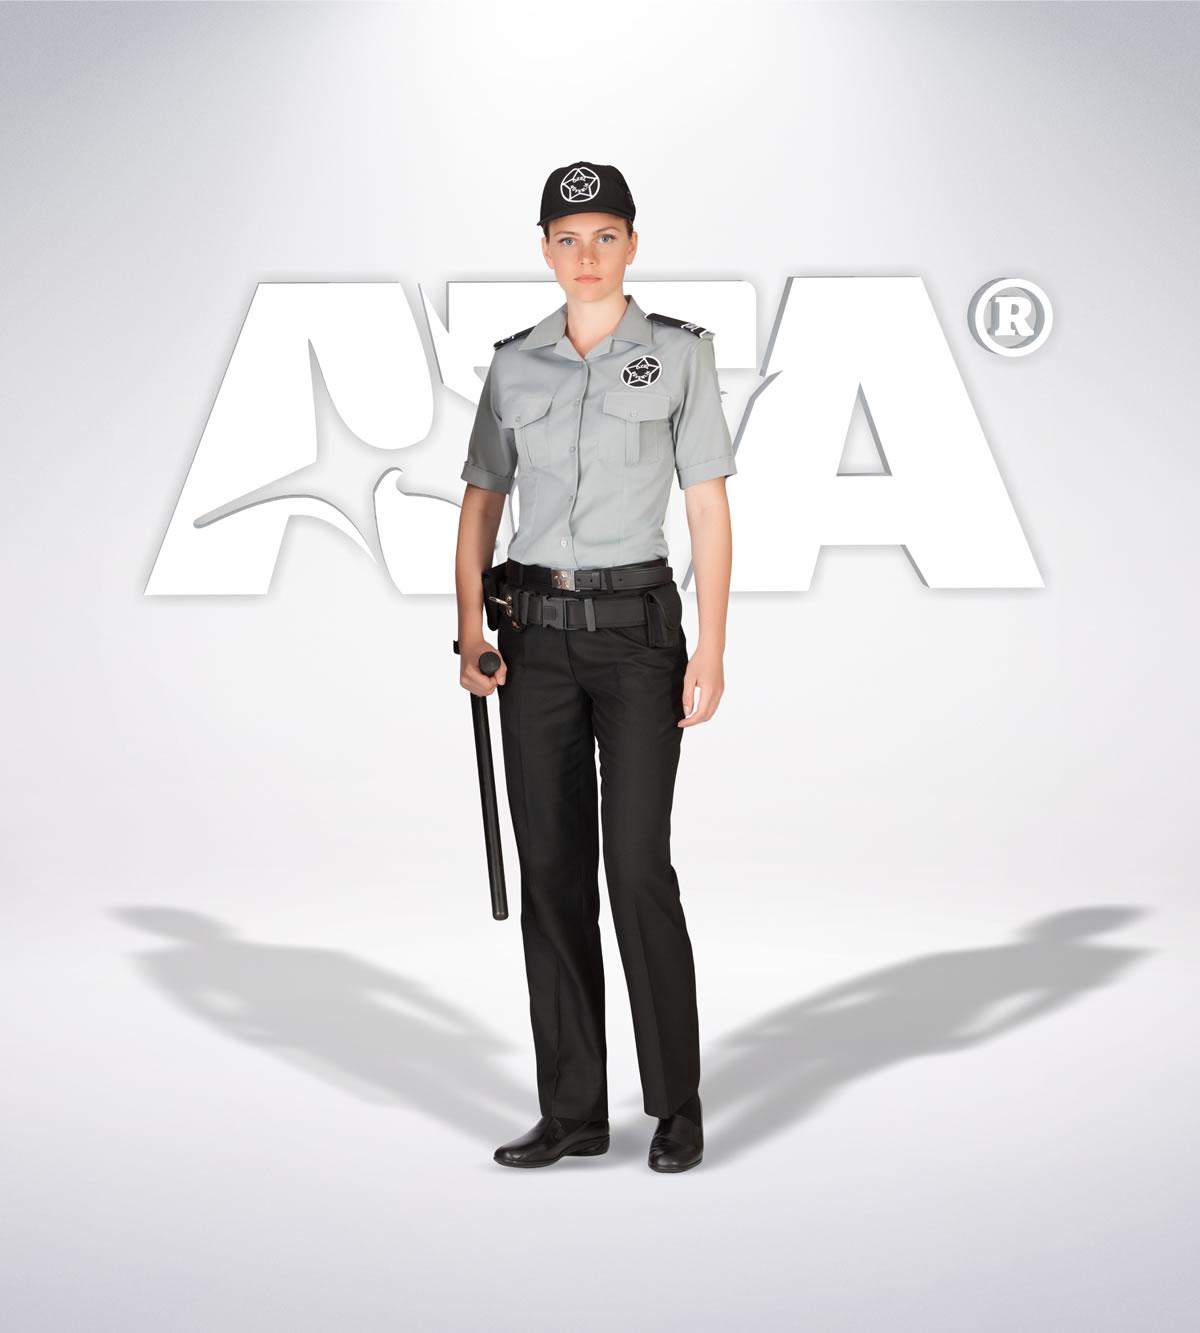 ATA 114 - Pantolon yazlık - gömlek yazlık-kışlık - aksesuar - güvenlik elbiseleri | güvenlik üniformaları | güvenlik kıyafetleri